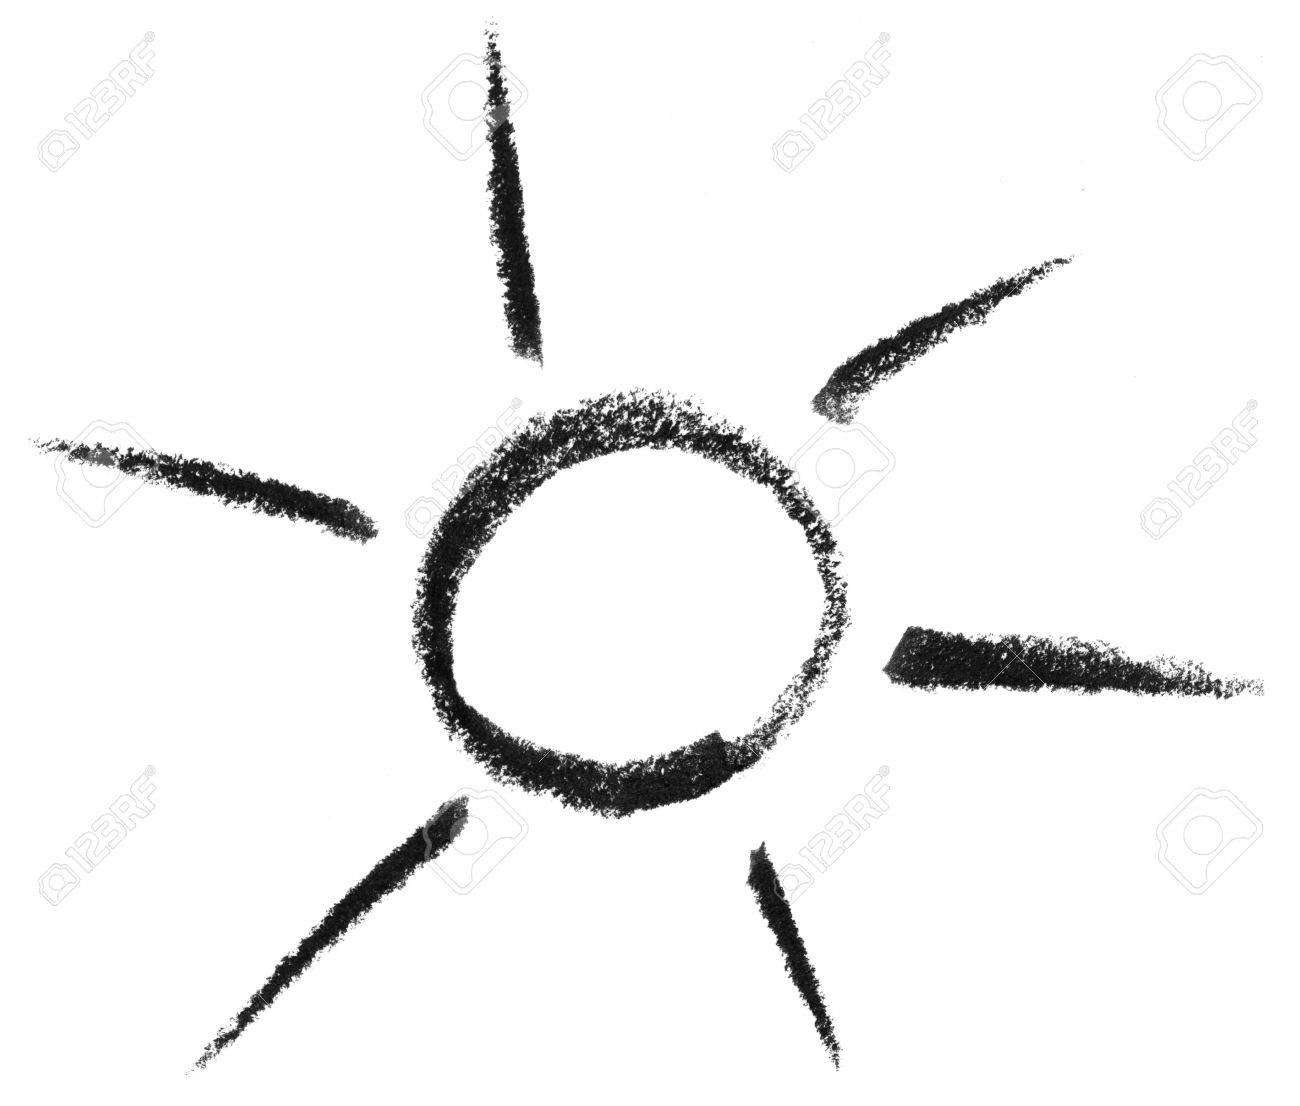 Kreide Gemalte Sonne Oder Licht-Symbol In Weiß Zurück Lizenzfreie ...